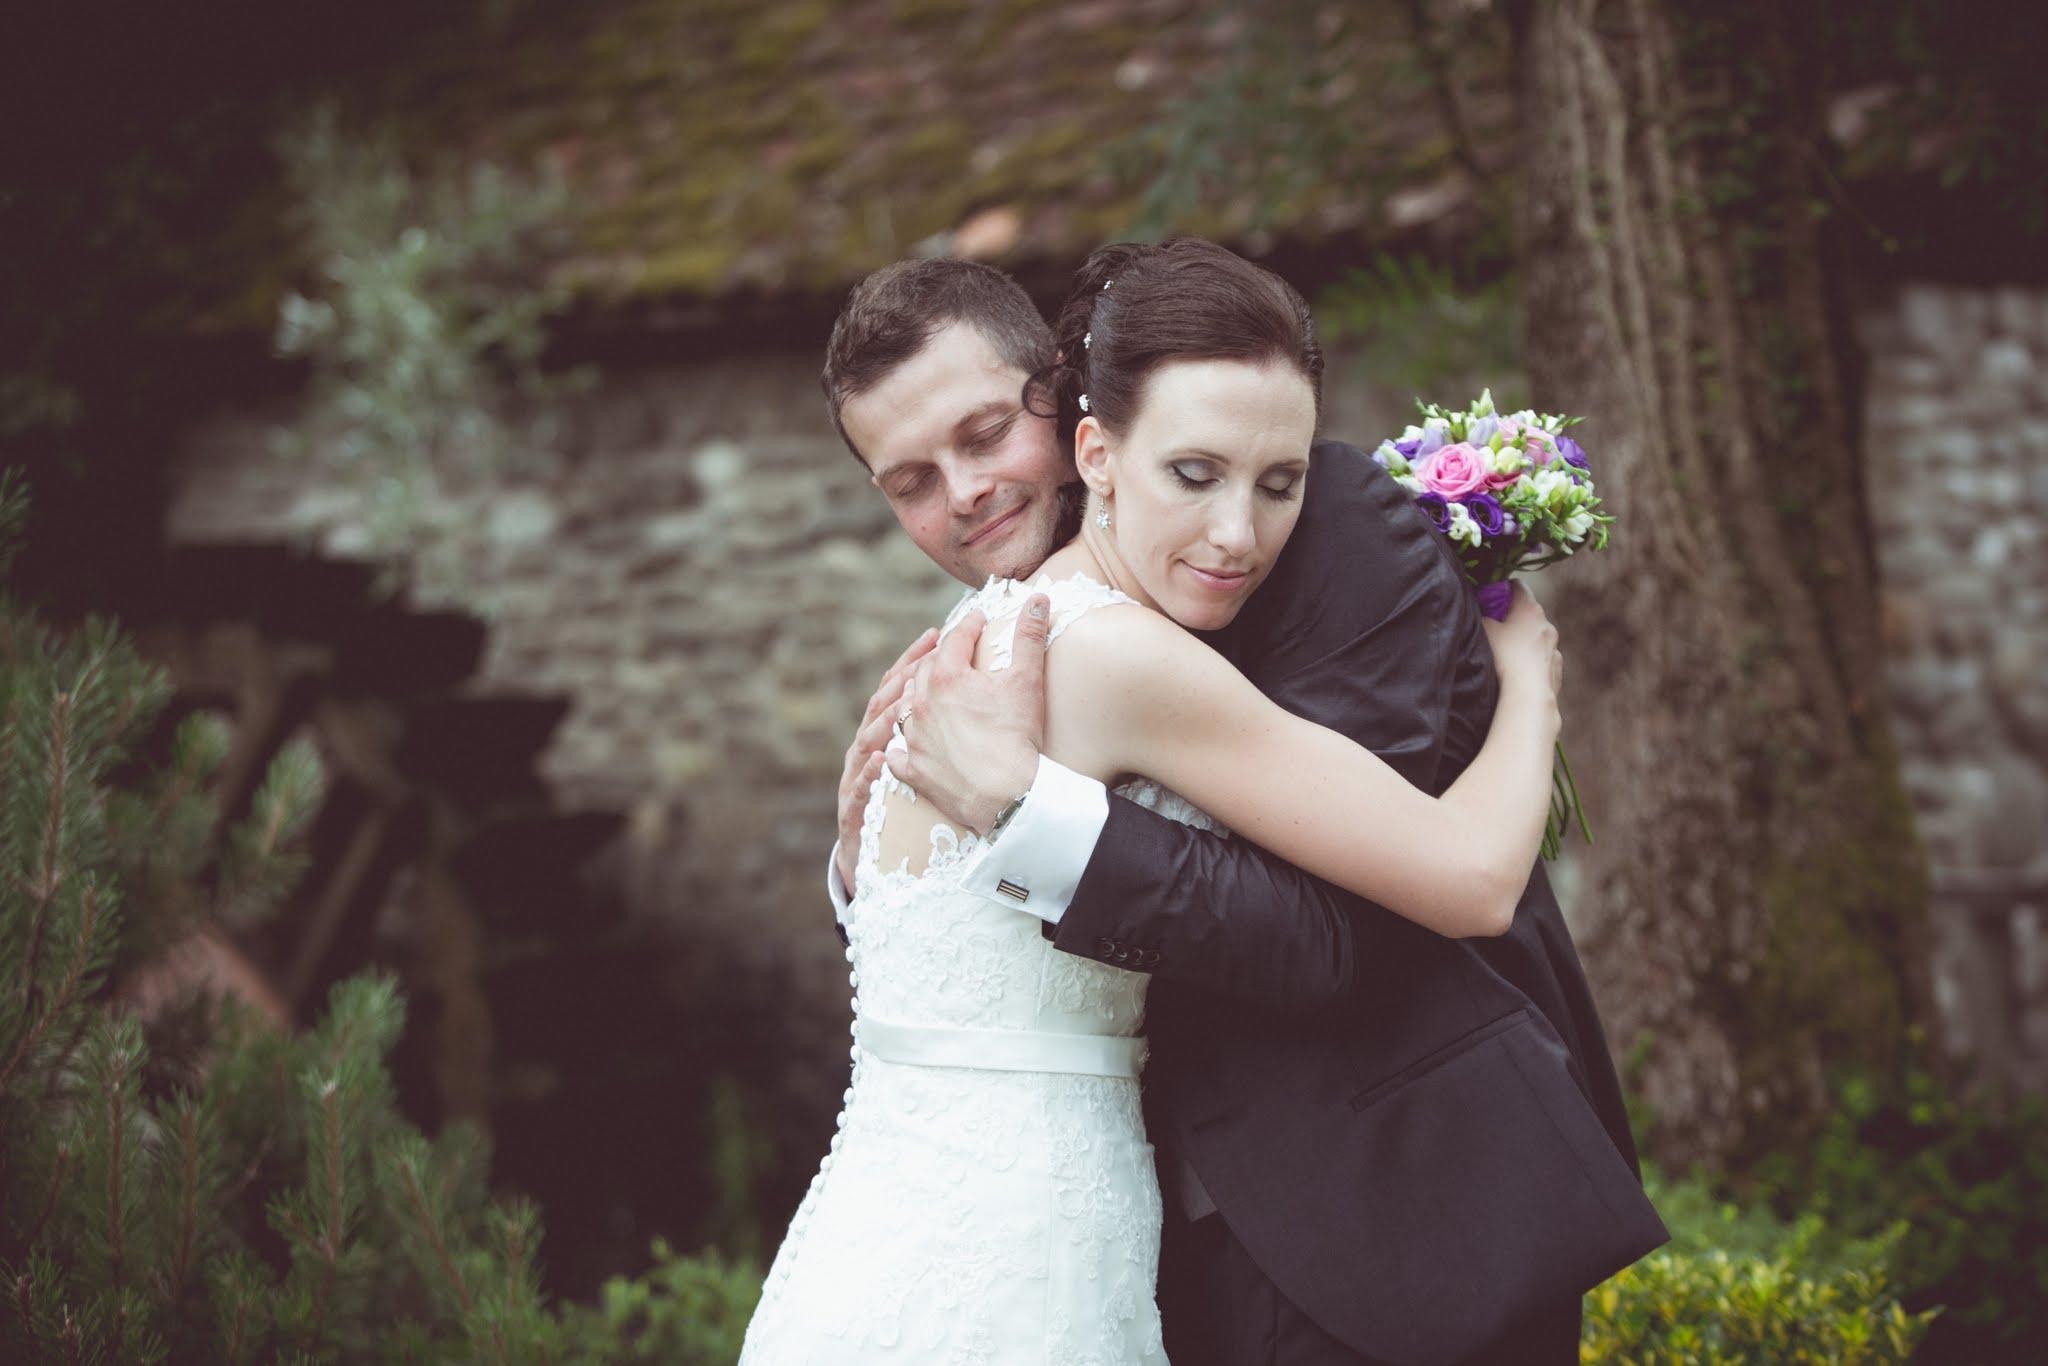 poročna torta, zaročni prstan, poročna tradicija, tradicija poroke, cena poroke fotografiranje na terenu, terensko fotografiranje, , hochzeitsreportage, hochzeitsfotograf,hochzeitsfotos, hochzeit